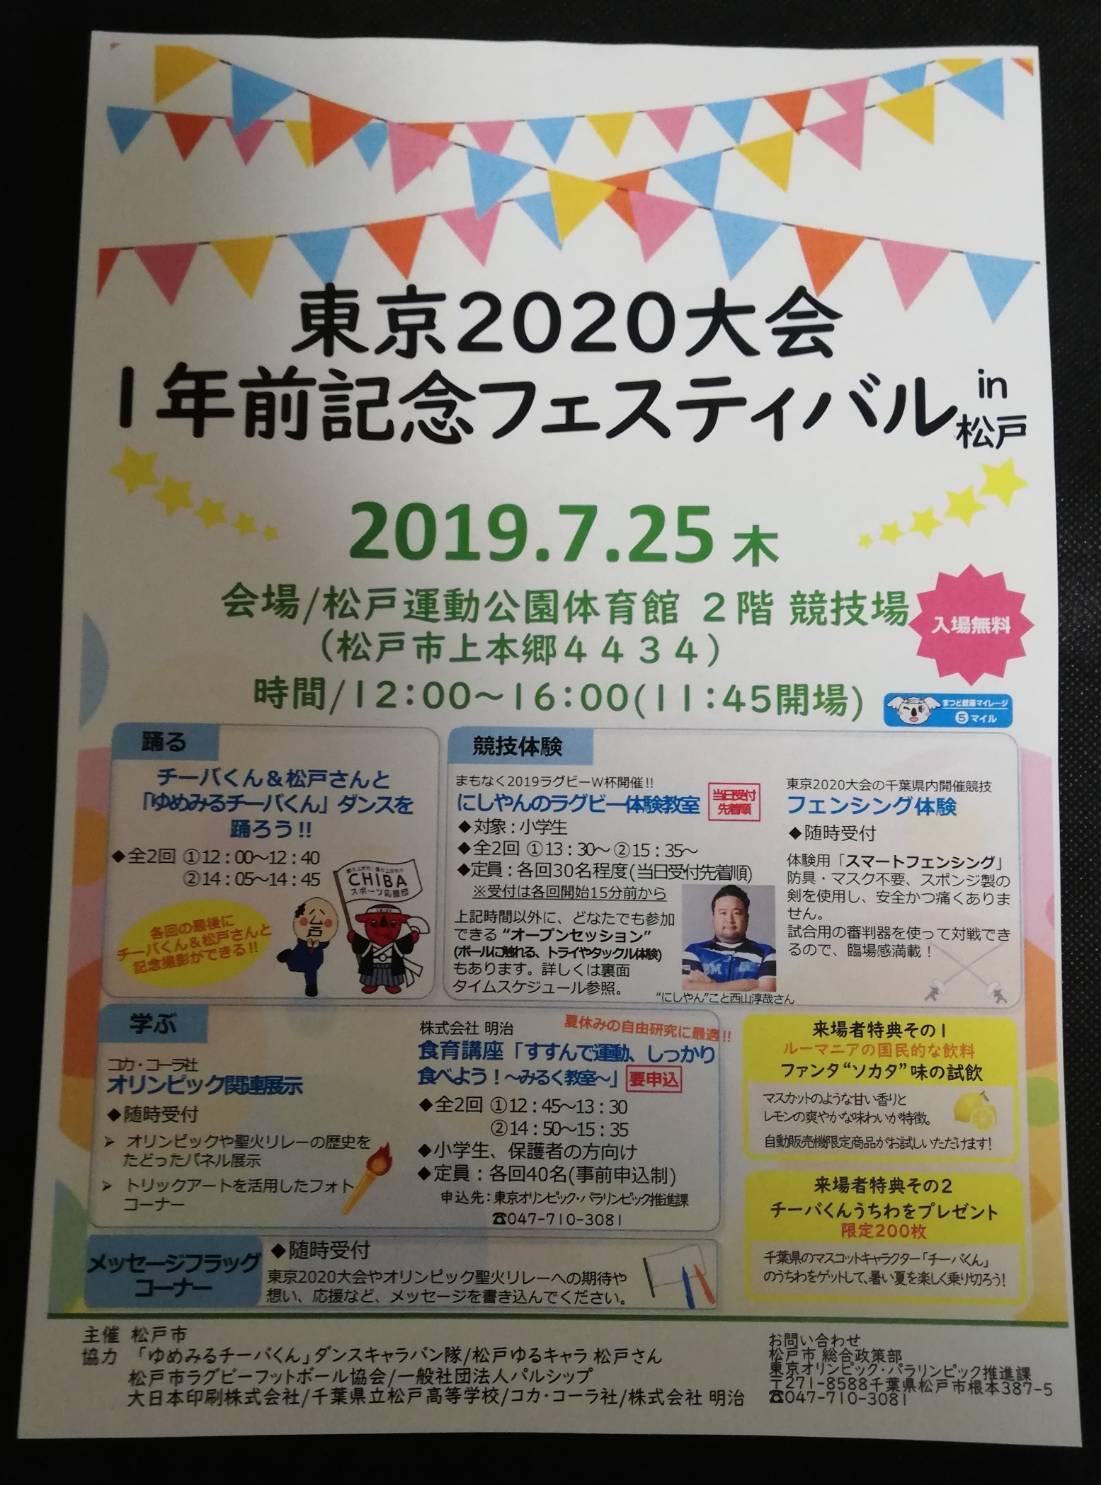 東京2020大会1年前記念フェスティバルin松戸